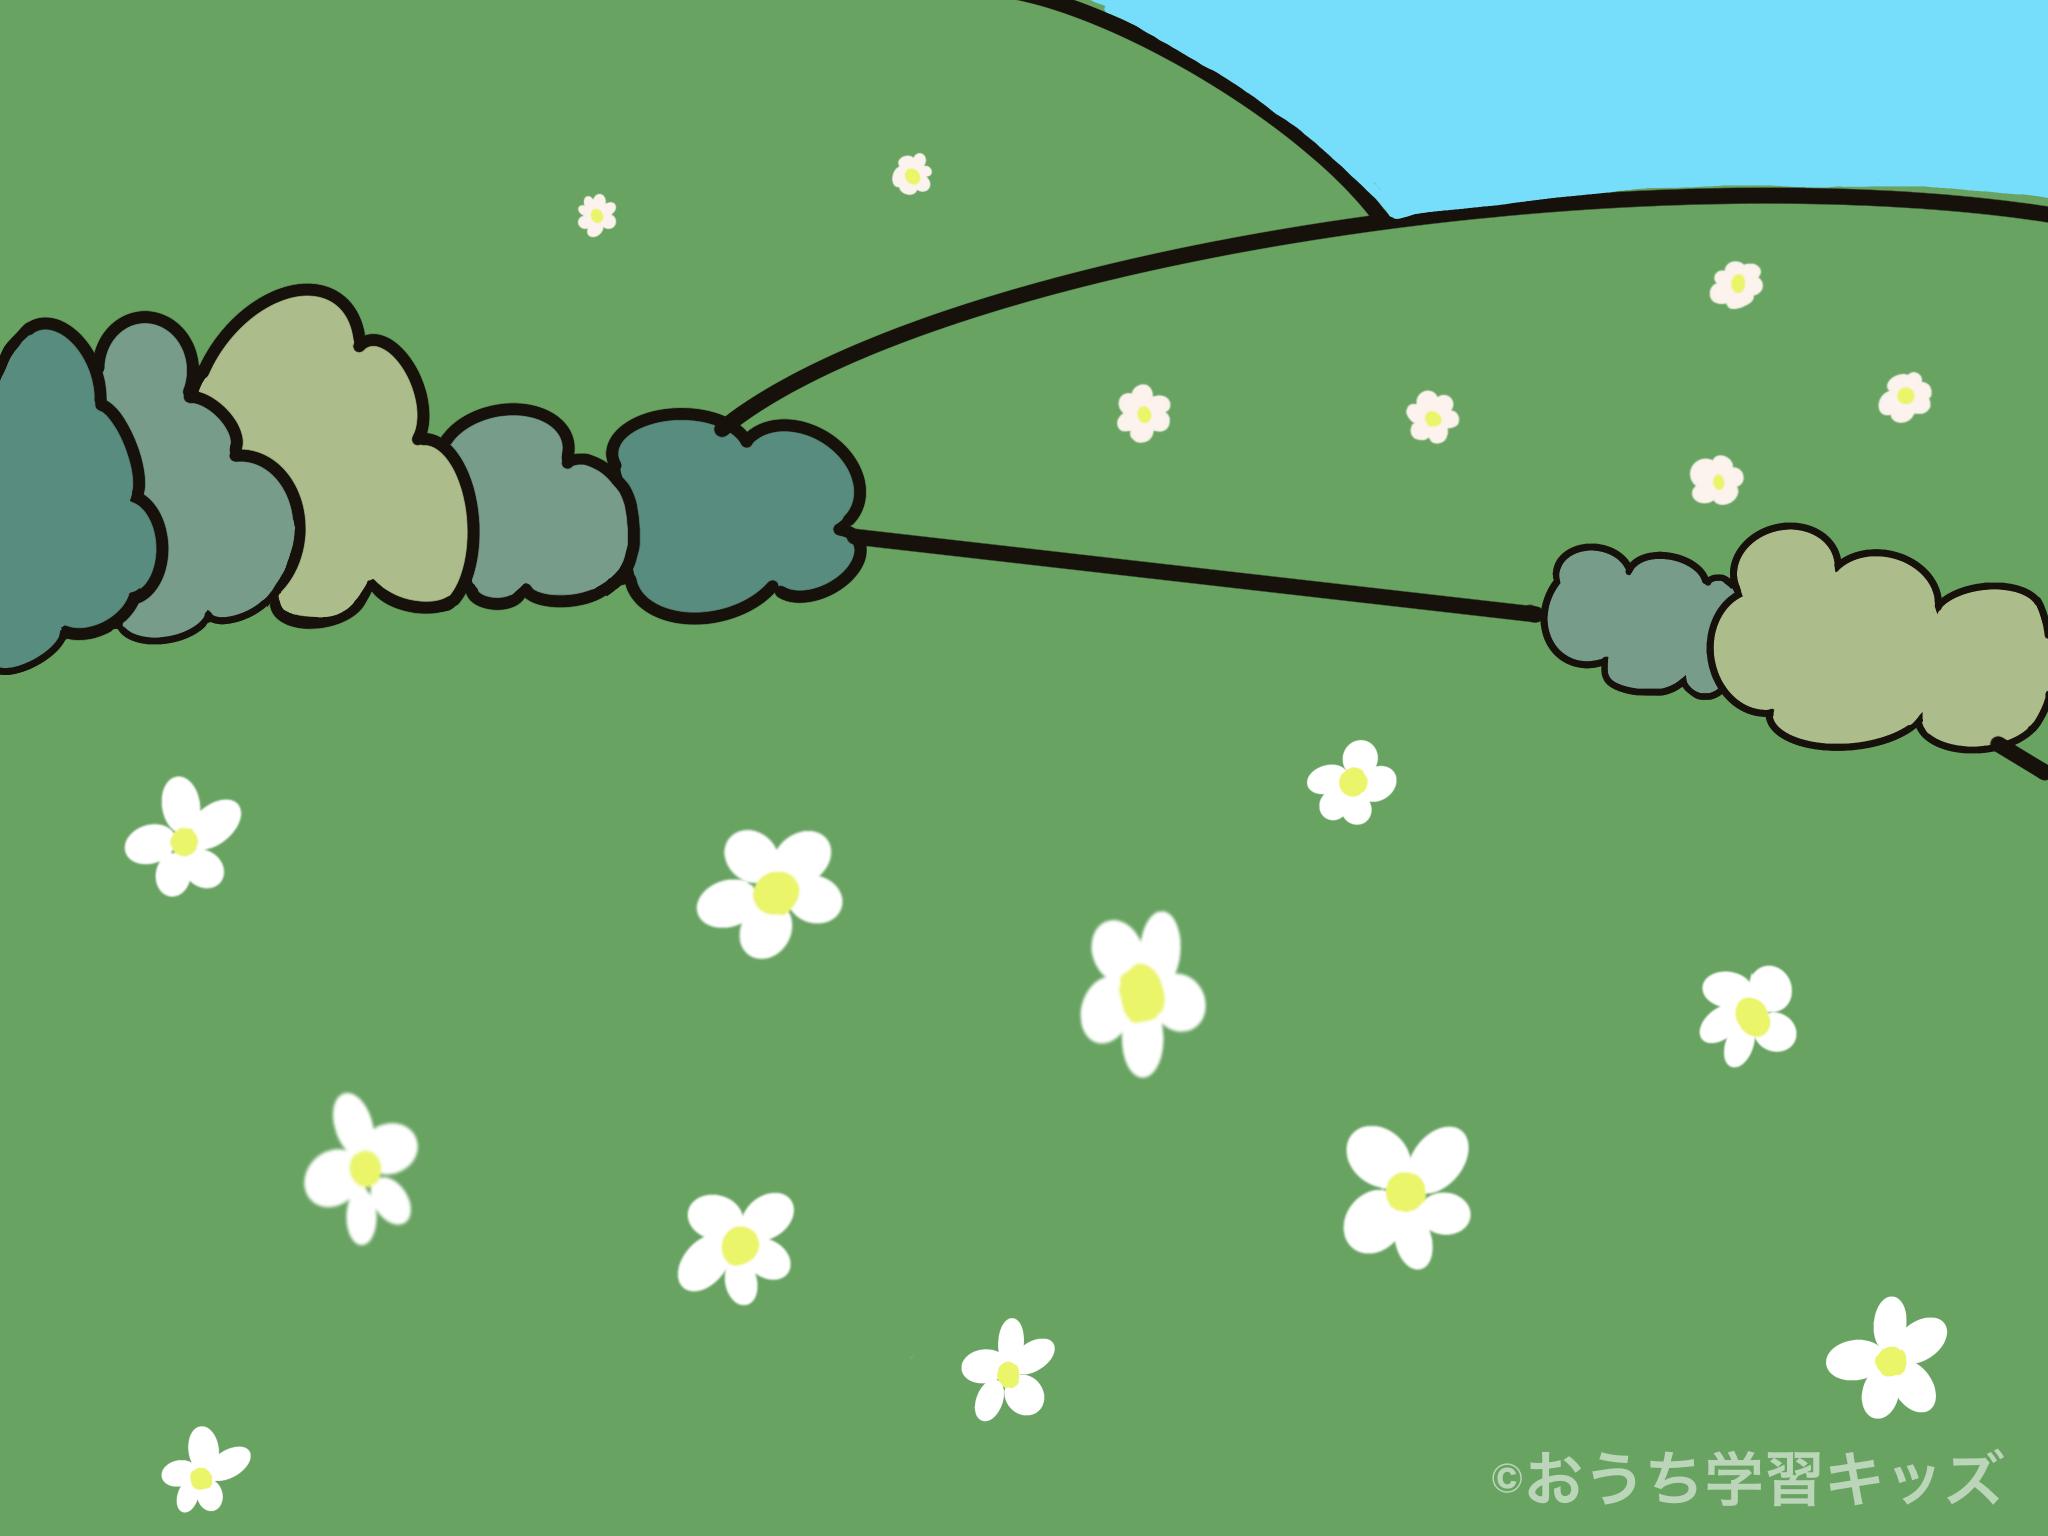 無料ぬりえプリント「丘(おか)」一例